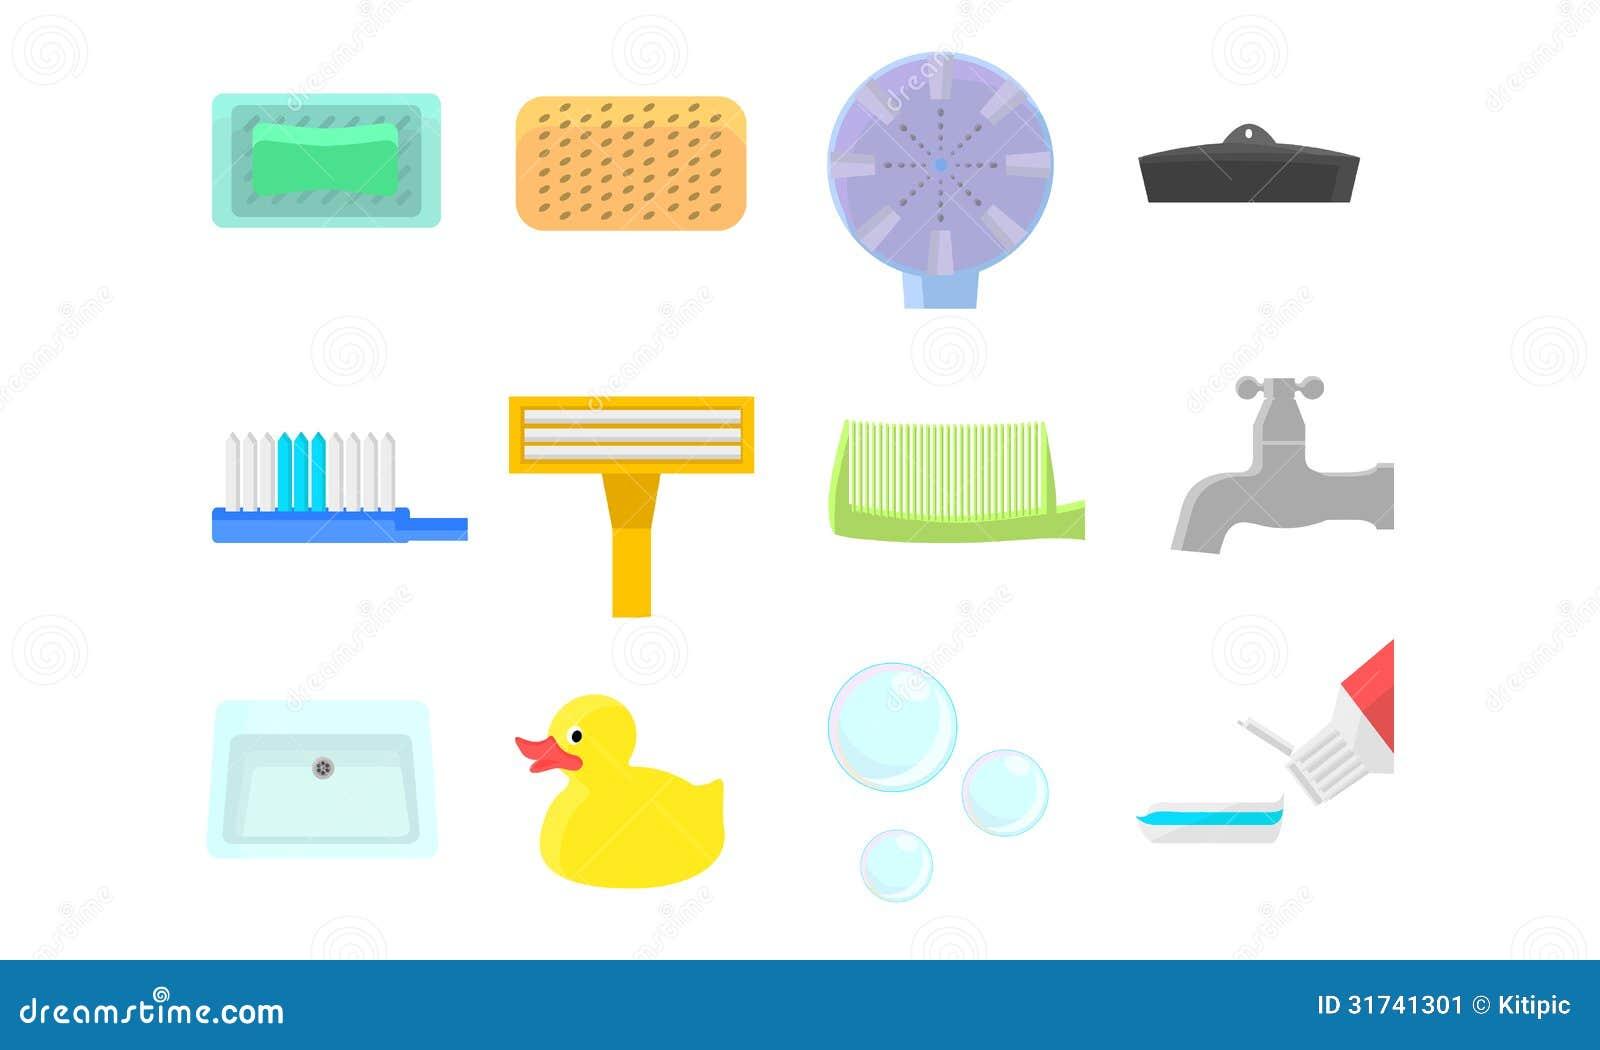 Imagenes de objetos del ba o - Cosas para el bano ...